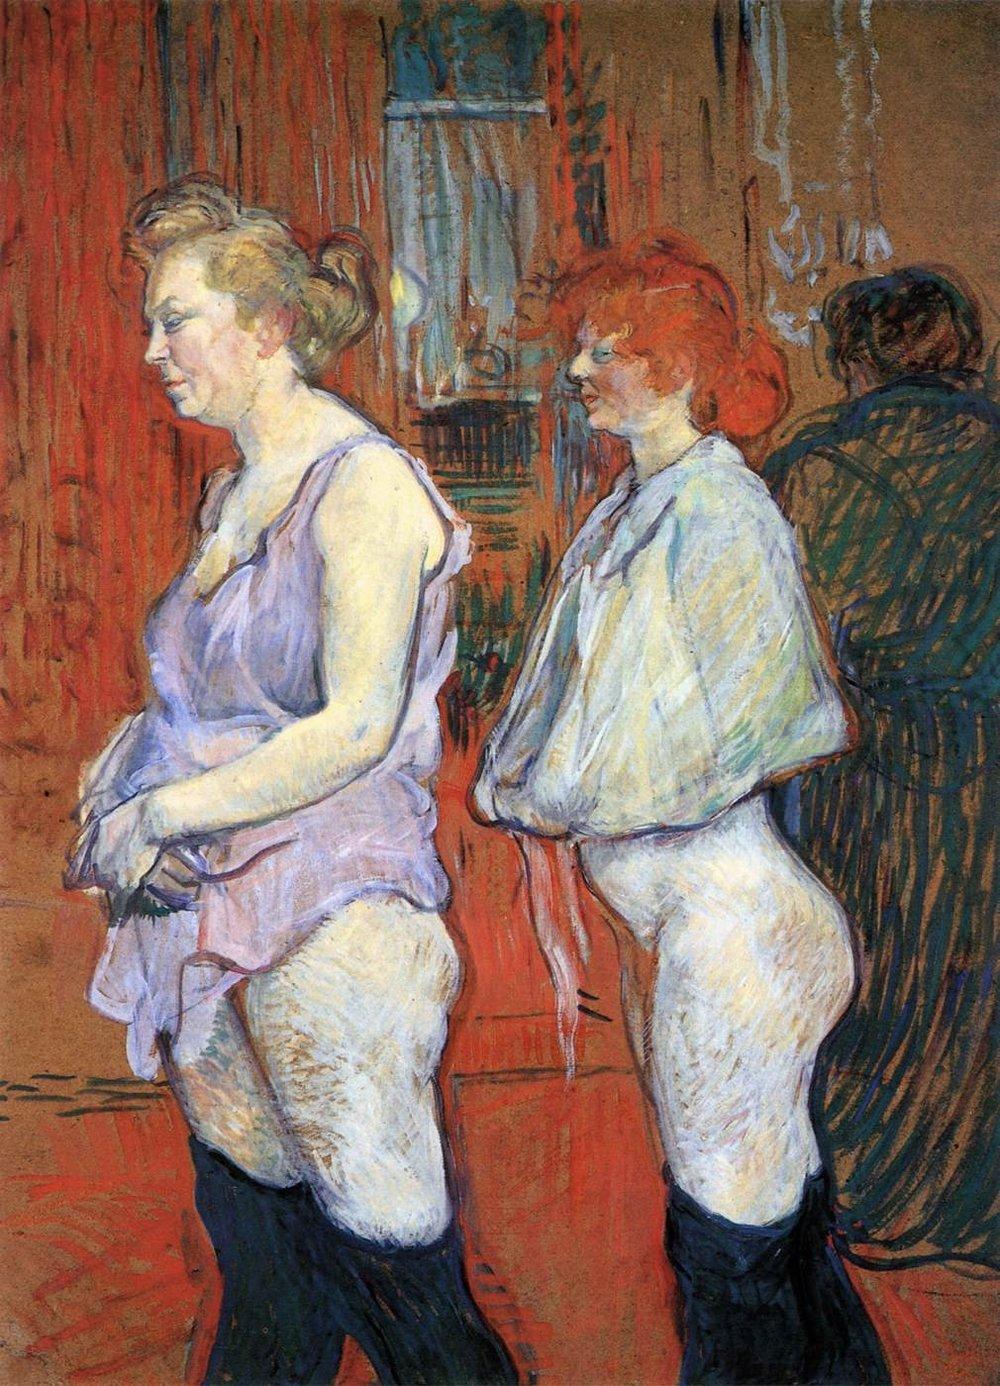 Henri de Toulouse-Lautrec,  Medical Examination, Rue des Moulins  (1894).